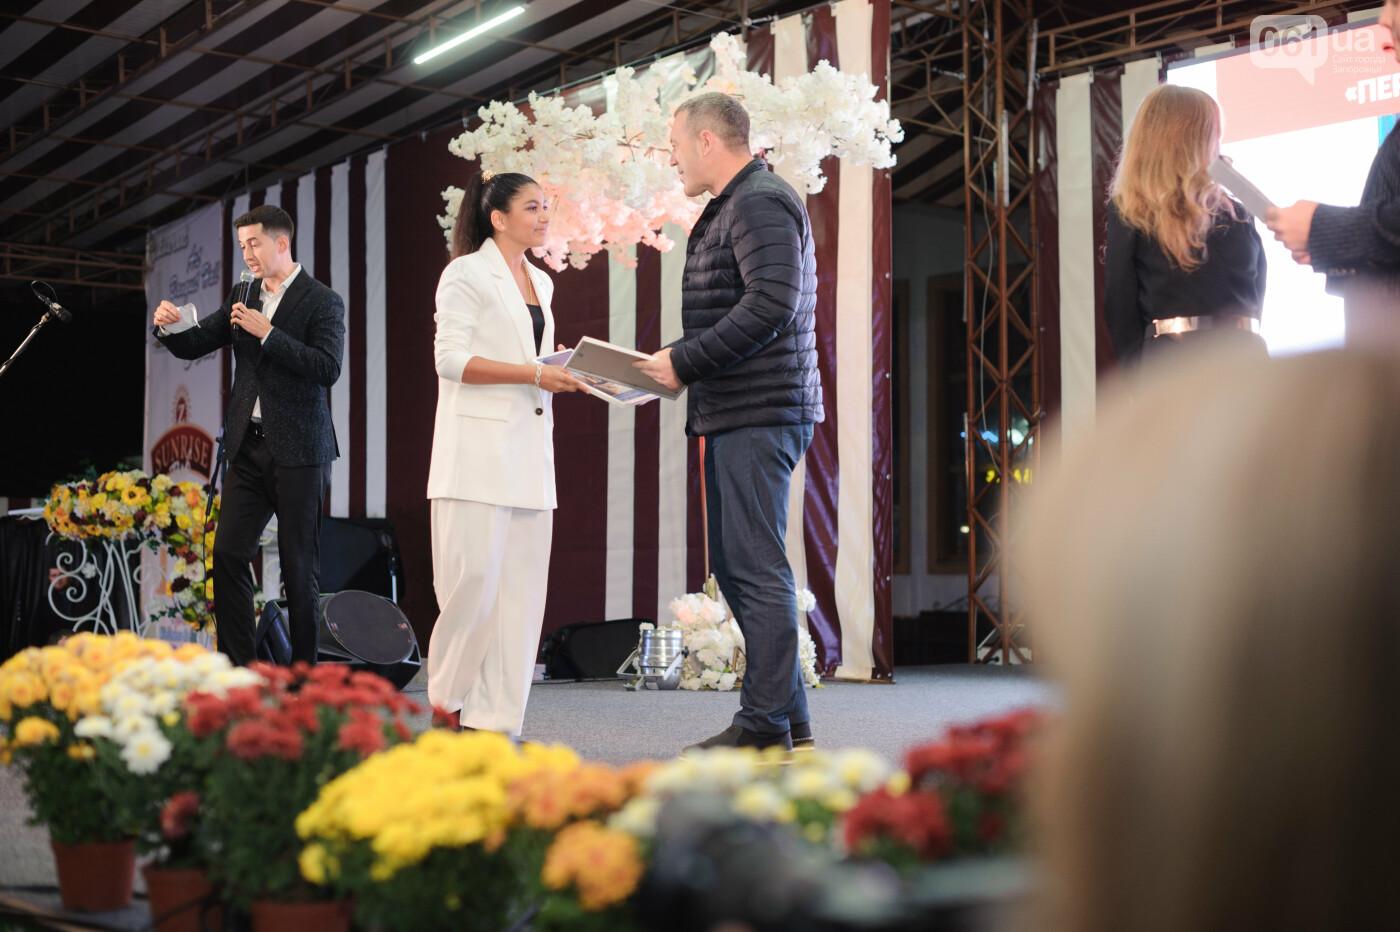 Как Буряк и Черняк в розыгрыше победили,  а также  другие подробности вечеринки VIP club, фото-17